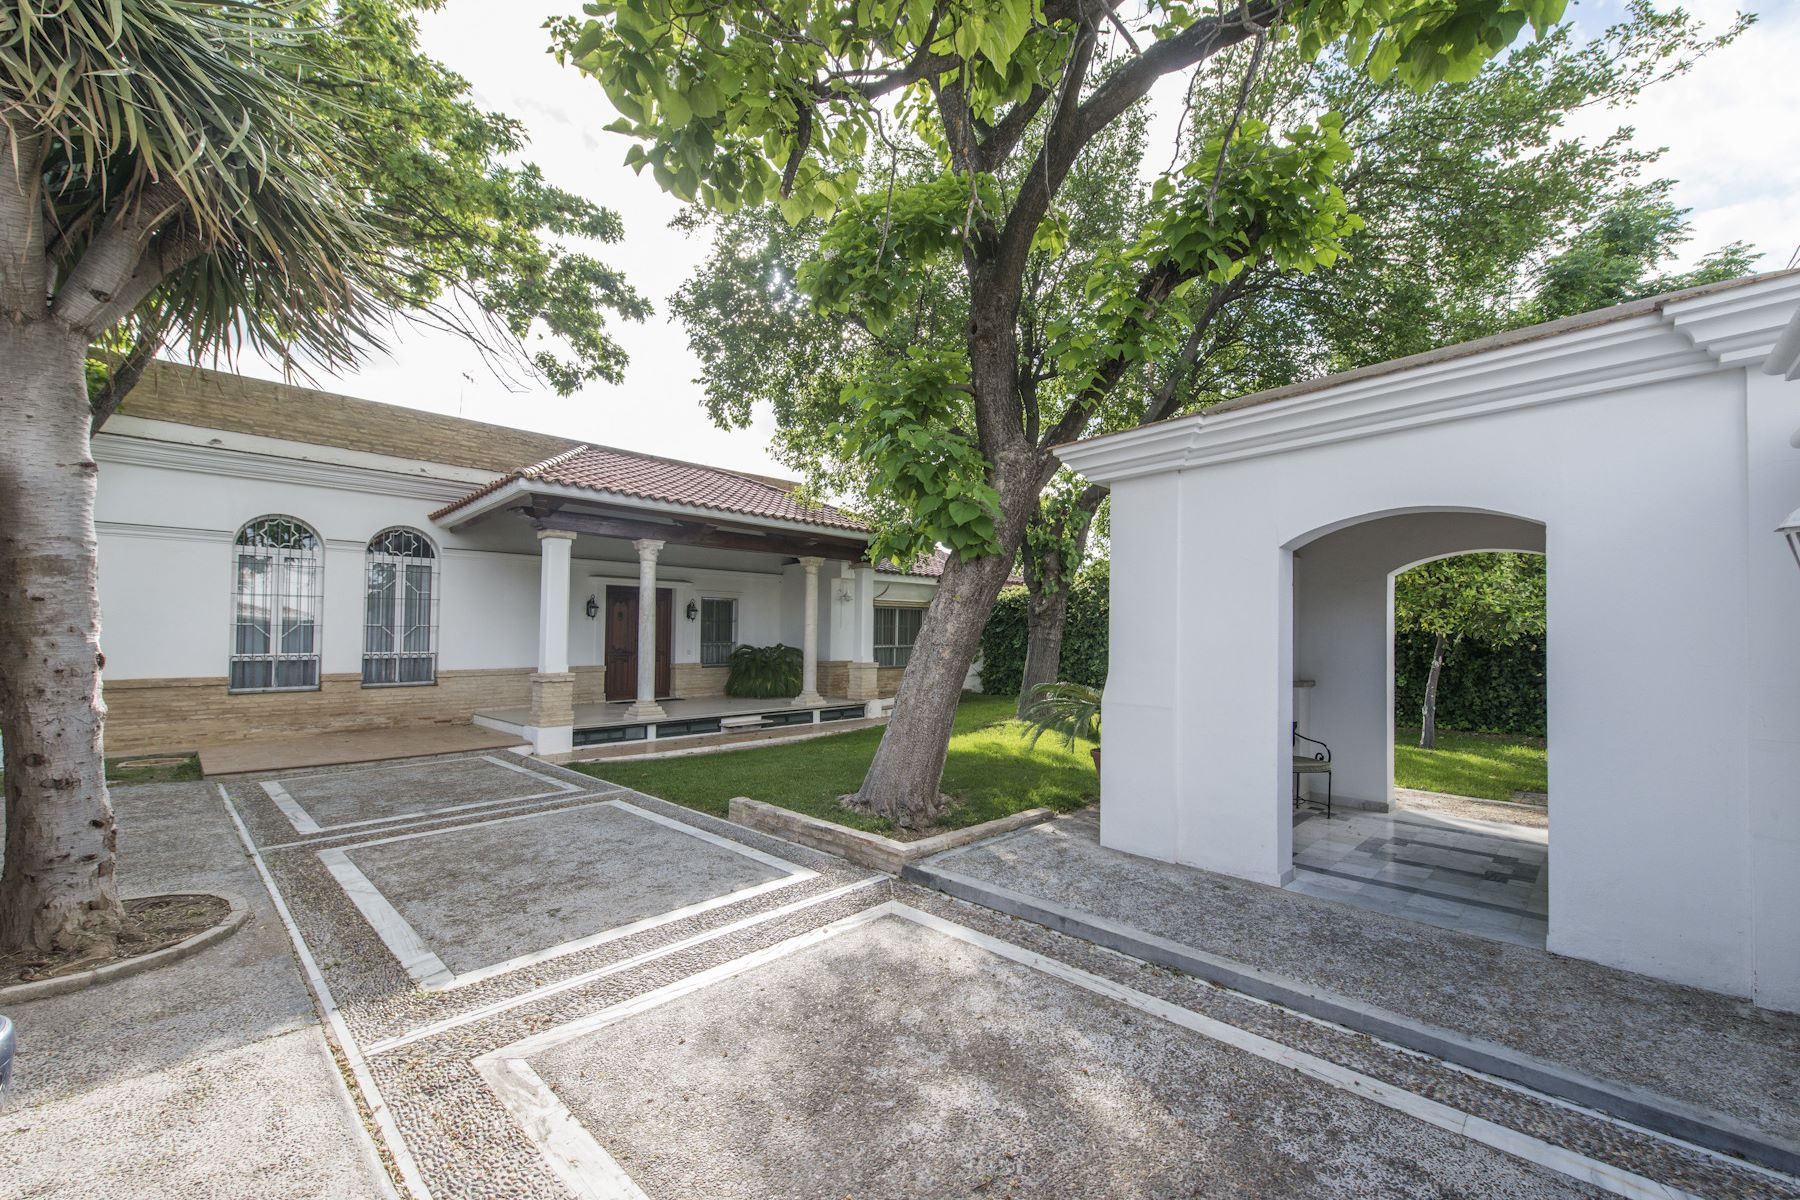 独户住宅 为 销售 在 Villa located in Santa Clara Urbanization 安达卢西亚其他地方, 安达卢西亚, 西班牙